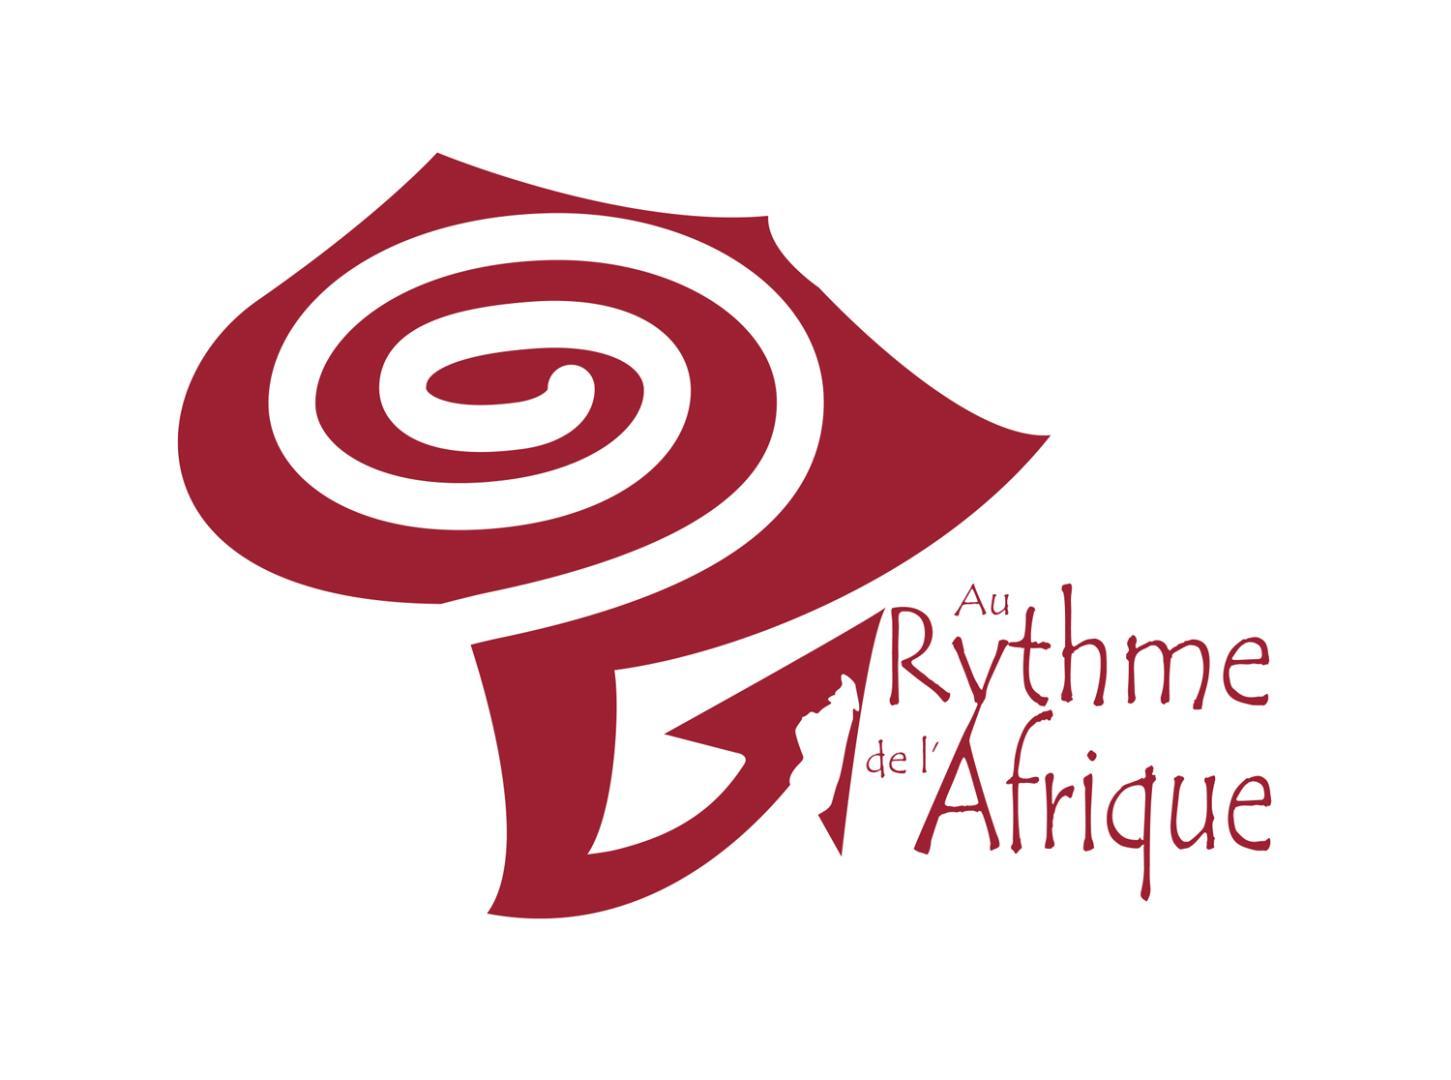 Association - Au Rythme de l'Afrique